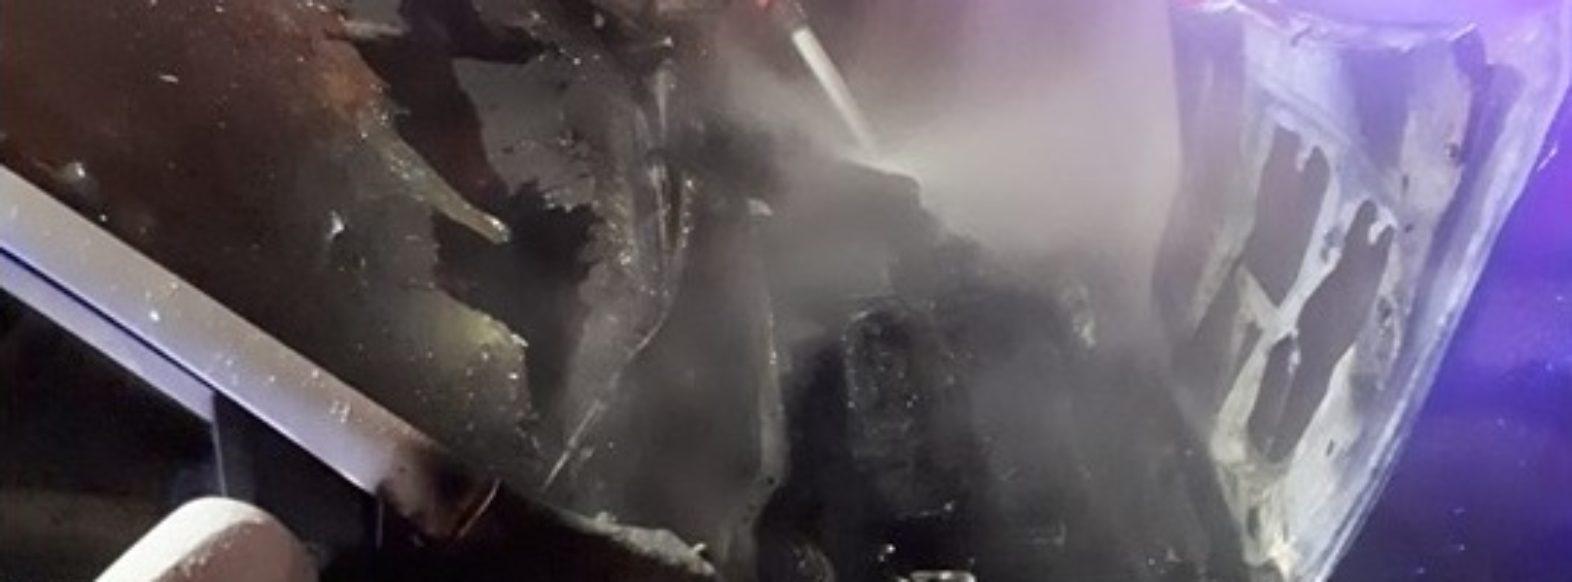 """במהלך ליל ל""""ג בעומר,ניידת משטרתית נשרפה בשכונת צור שלום"""